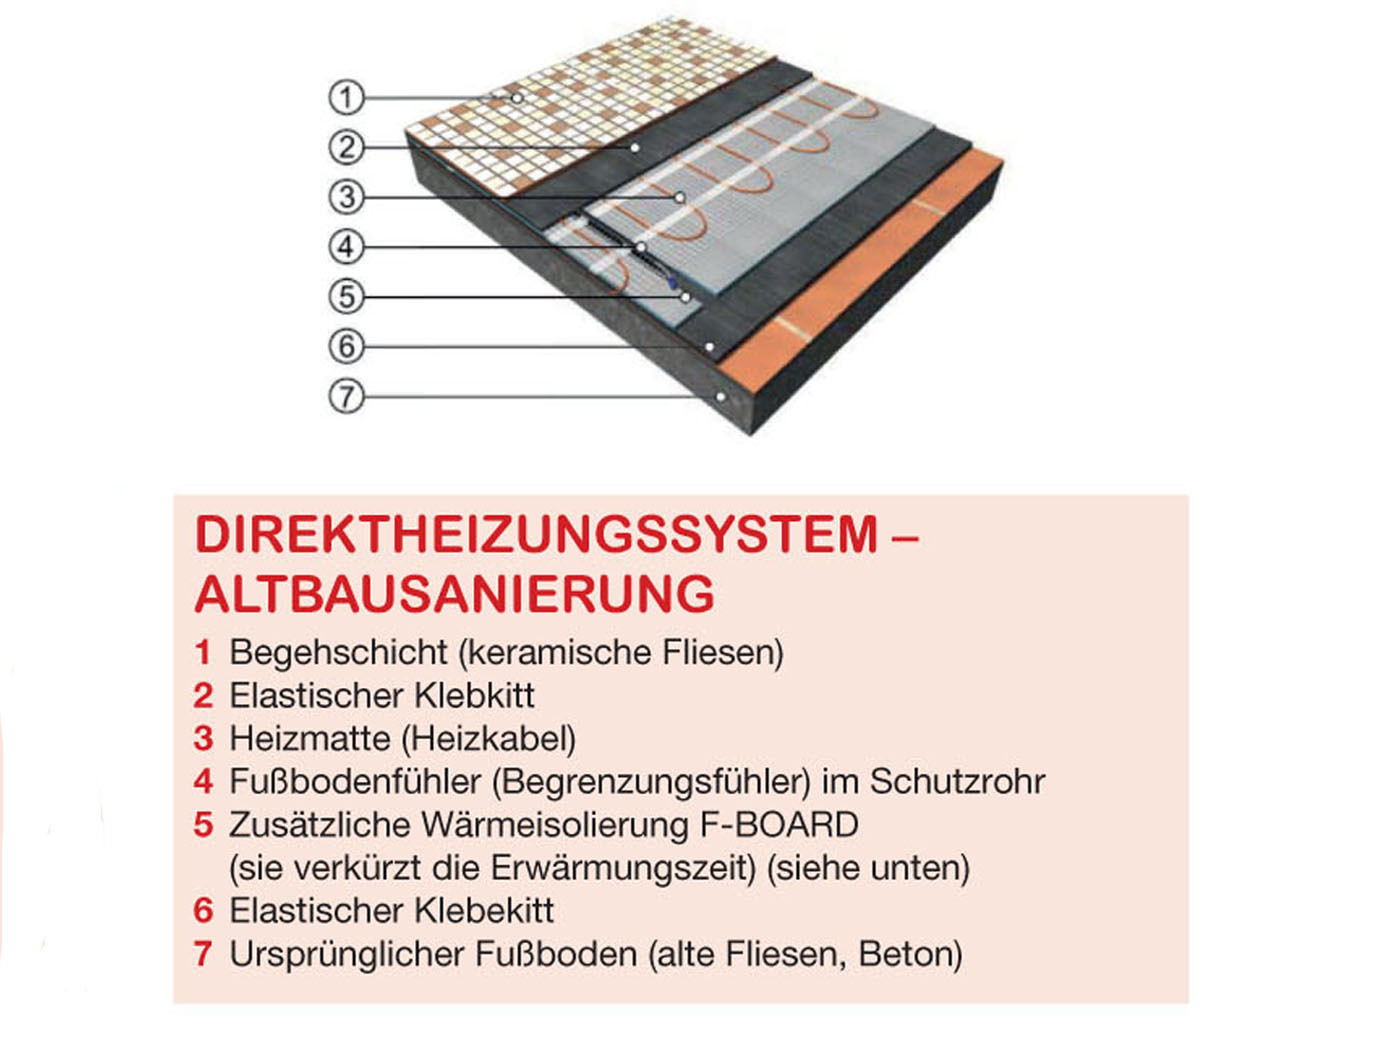 Fußbodenheizung // Heizmatte 70W Vitalheizung 160W pro qm 0,9 x 0,5 m